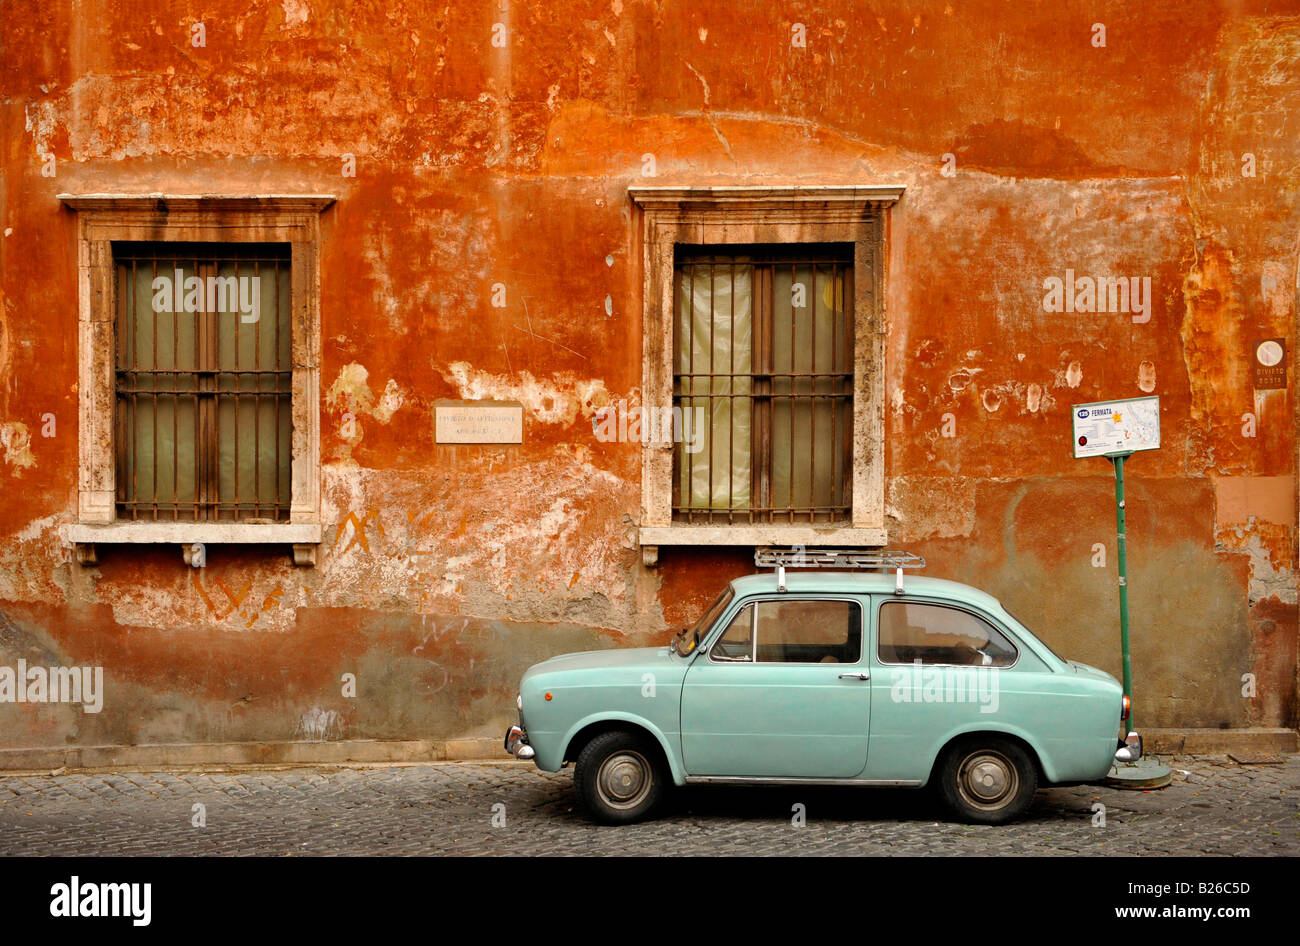 Muro de la casa con un Fiat 850 en la parte delantera, en Trastevere, Roma, Italia Imagen De Stock